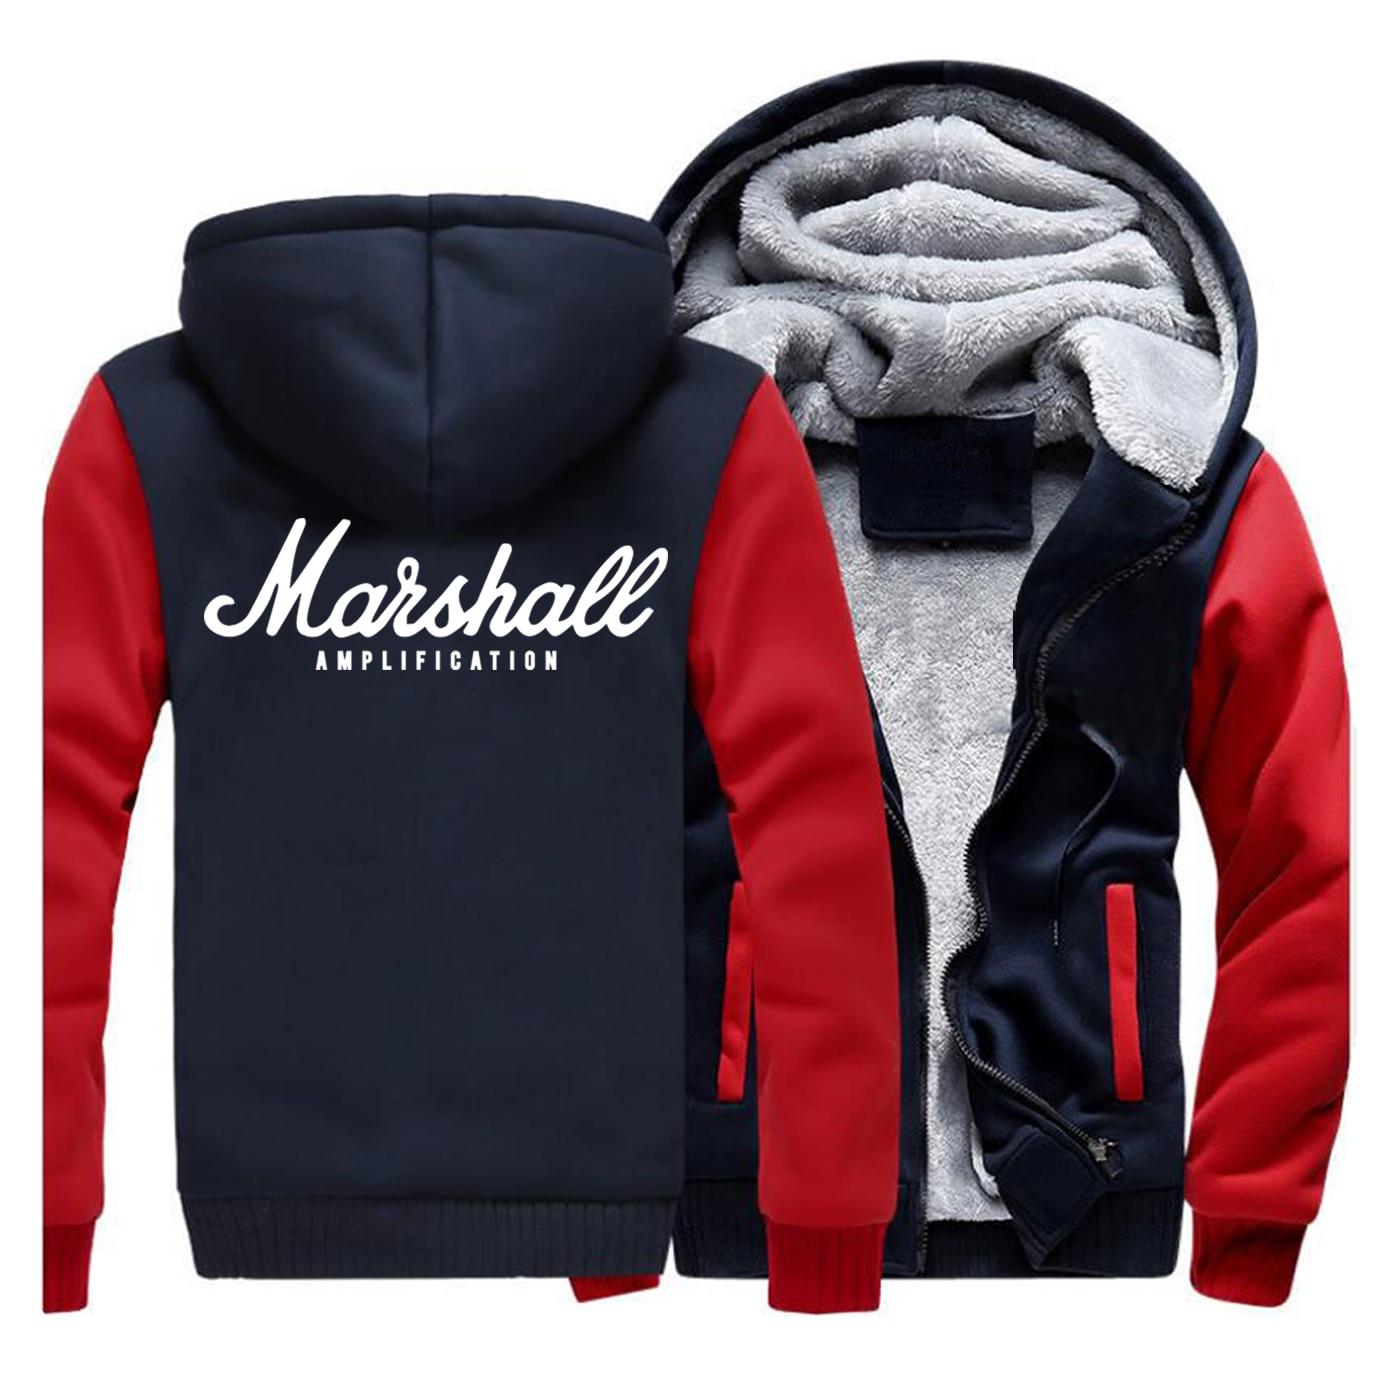 Winter Thick Jackets Brand Raglan Hoodies Sweatshirt 2019 New Zipper Casual Men's Outwear Fashion Bodywarmer Streetwear